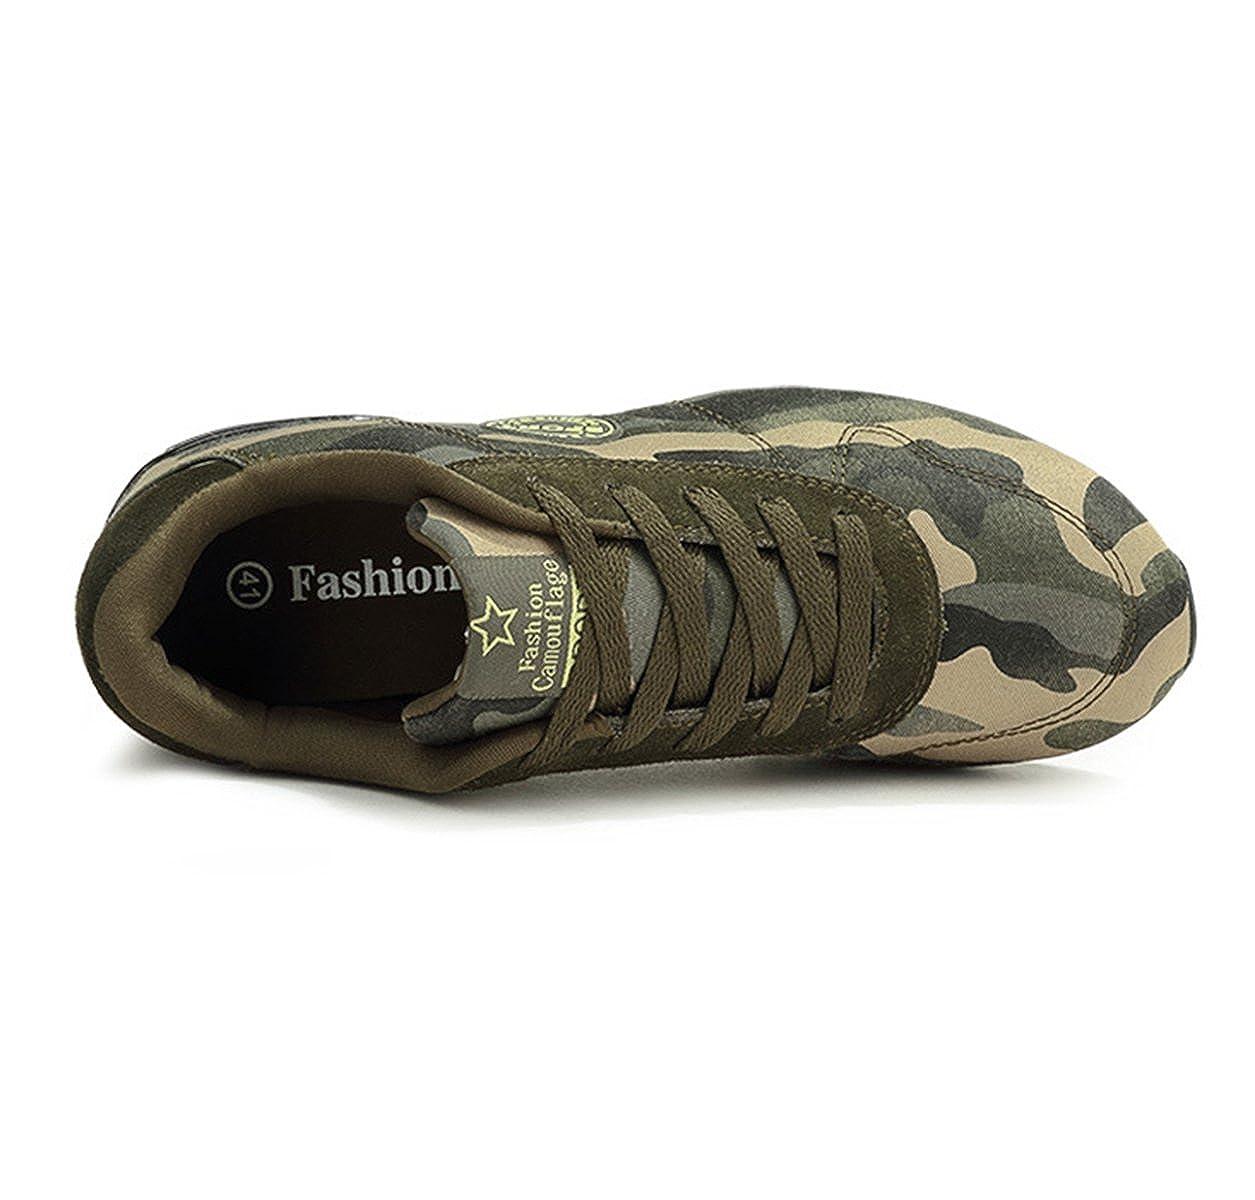 Chaussure de Sport Adulte Mixte Homme Femme Course Formation Militaire entra/înement Outdoors